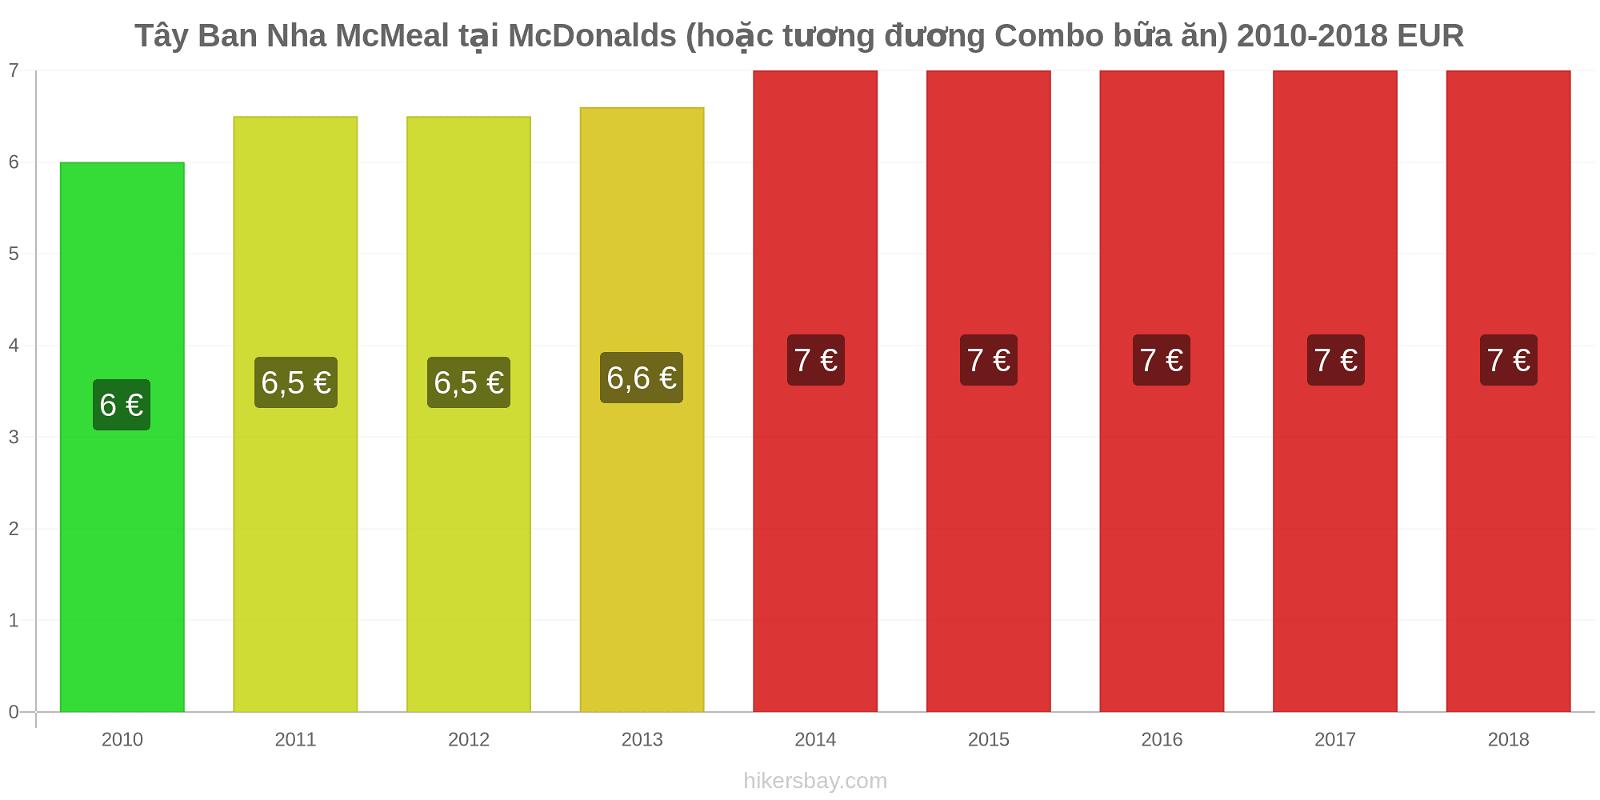 Tây Ban Nha thay đổi giá McMeal tại McDonalds (hoặc tương đương Combo bữa ăn) hikersbay.com